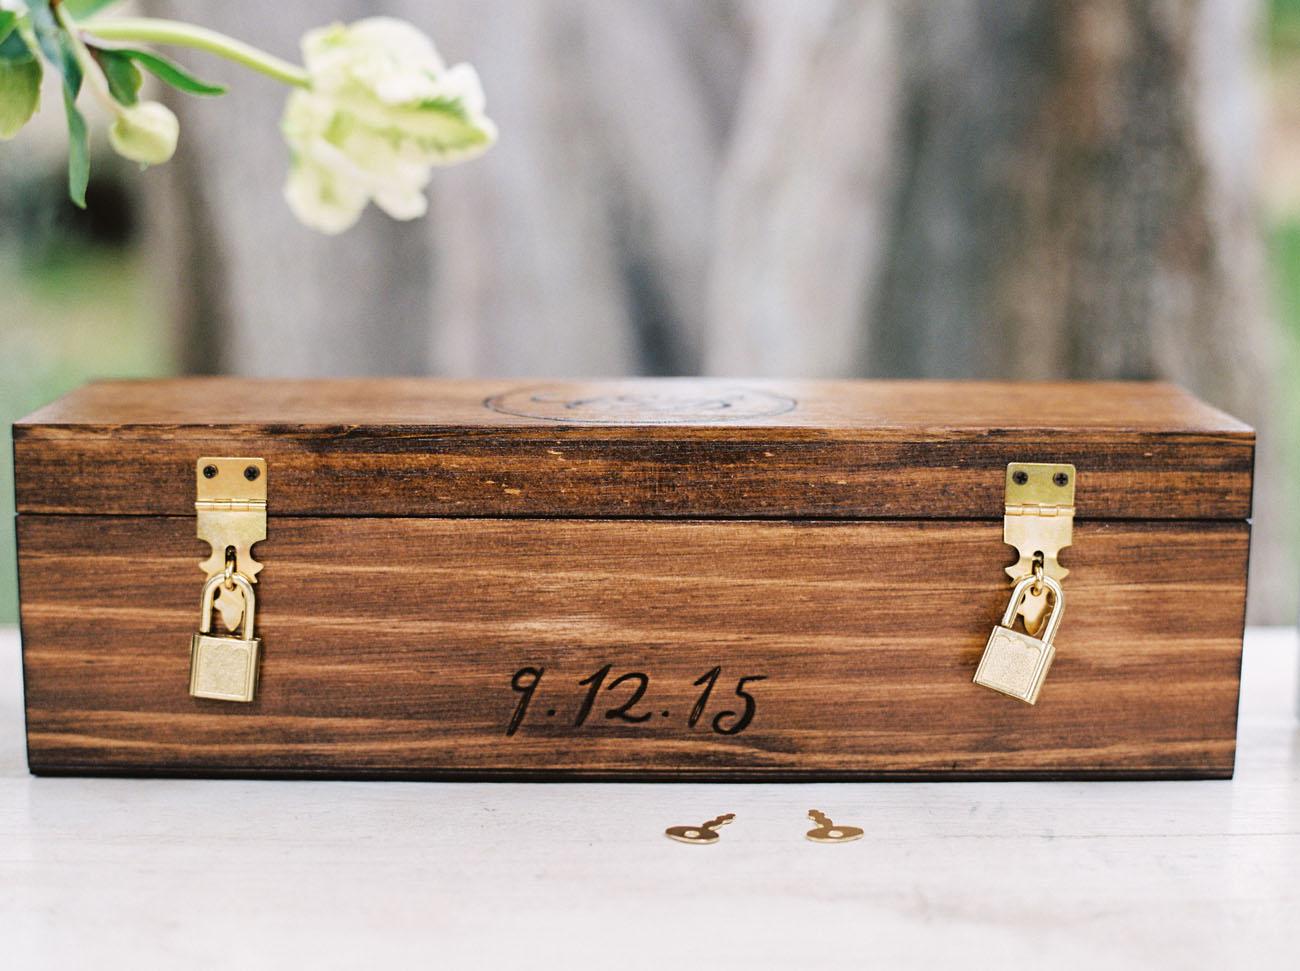 ceremony box